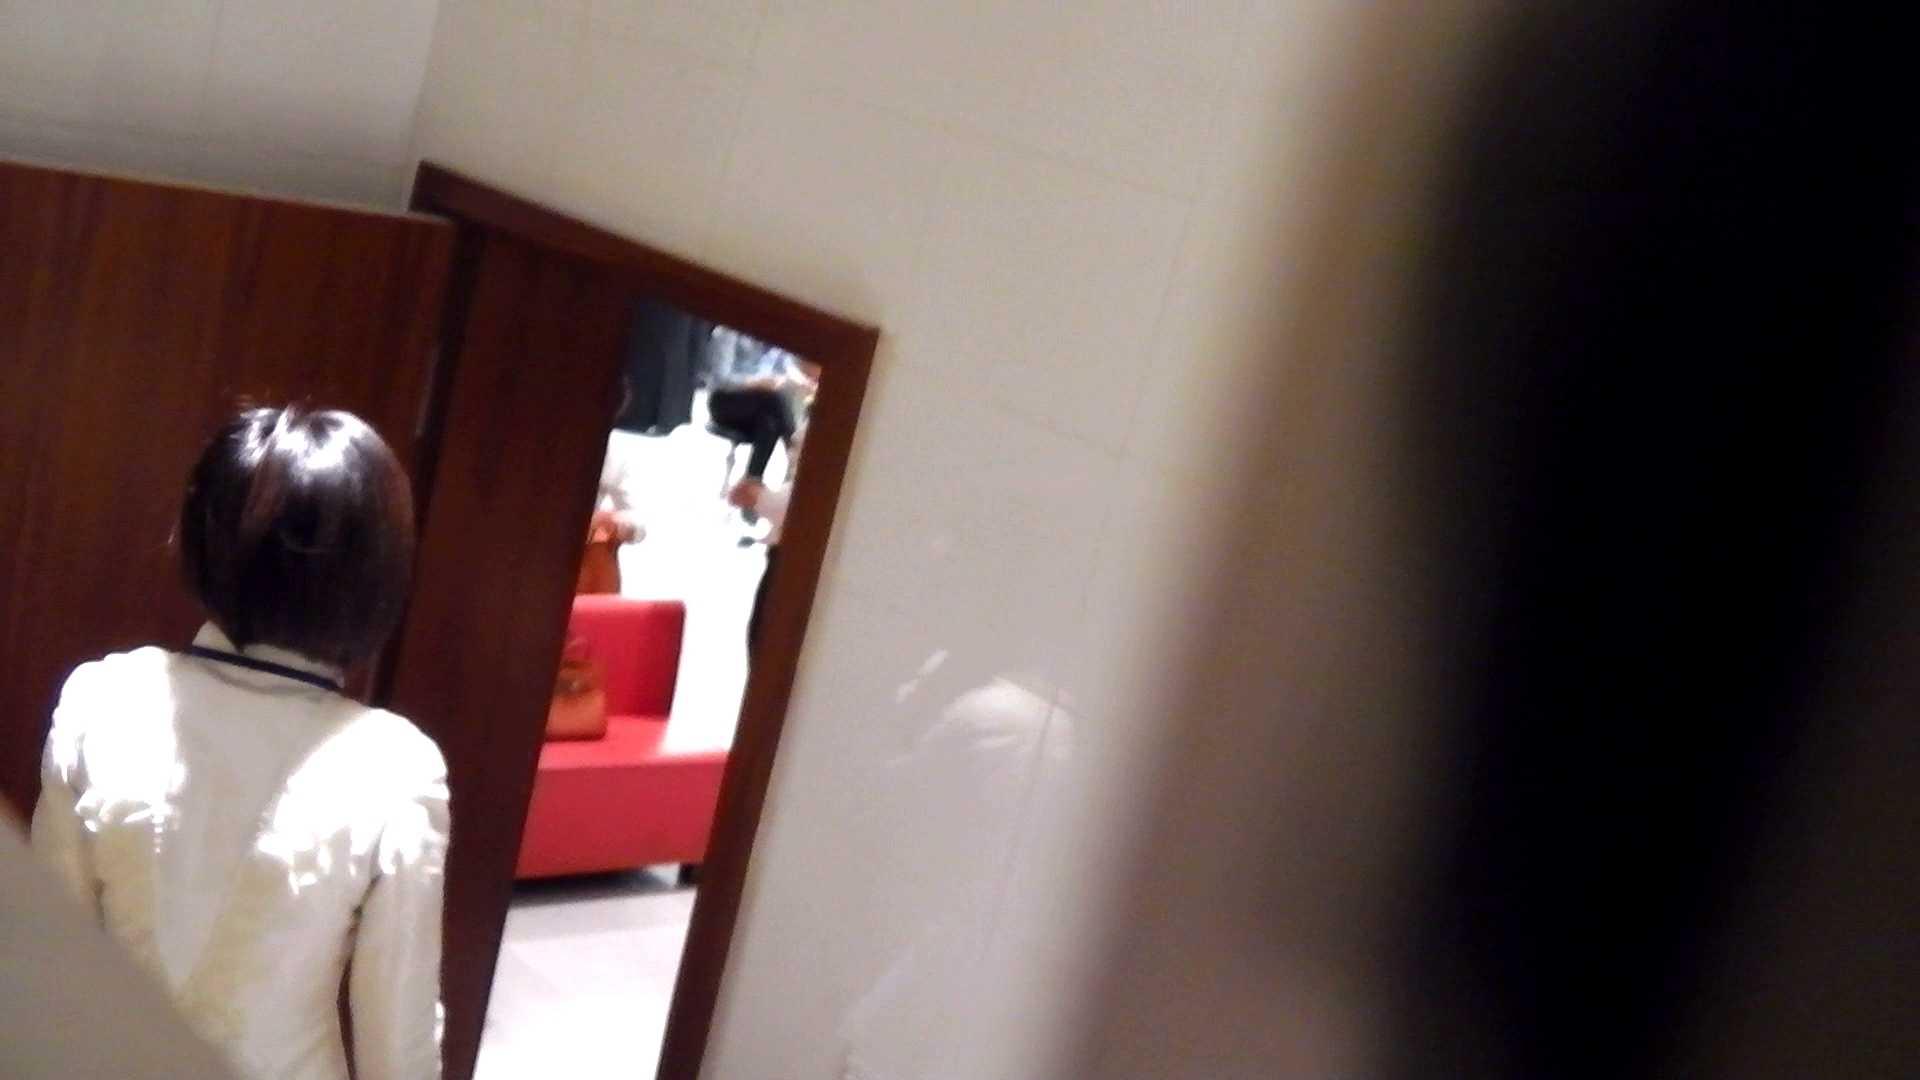 洗寿観音さんの 化粧室は四面楚歌Nol.3 洗面所  51PIX 42